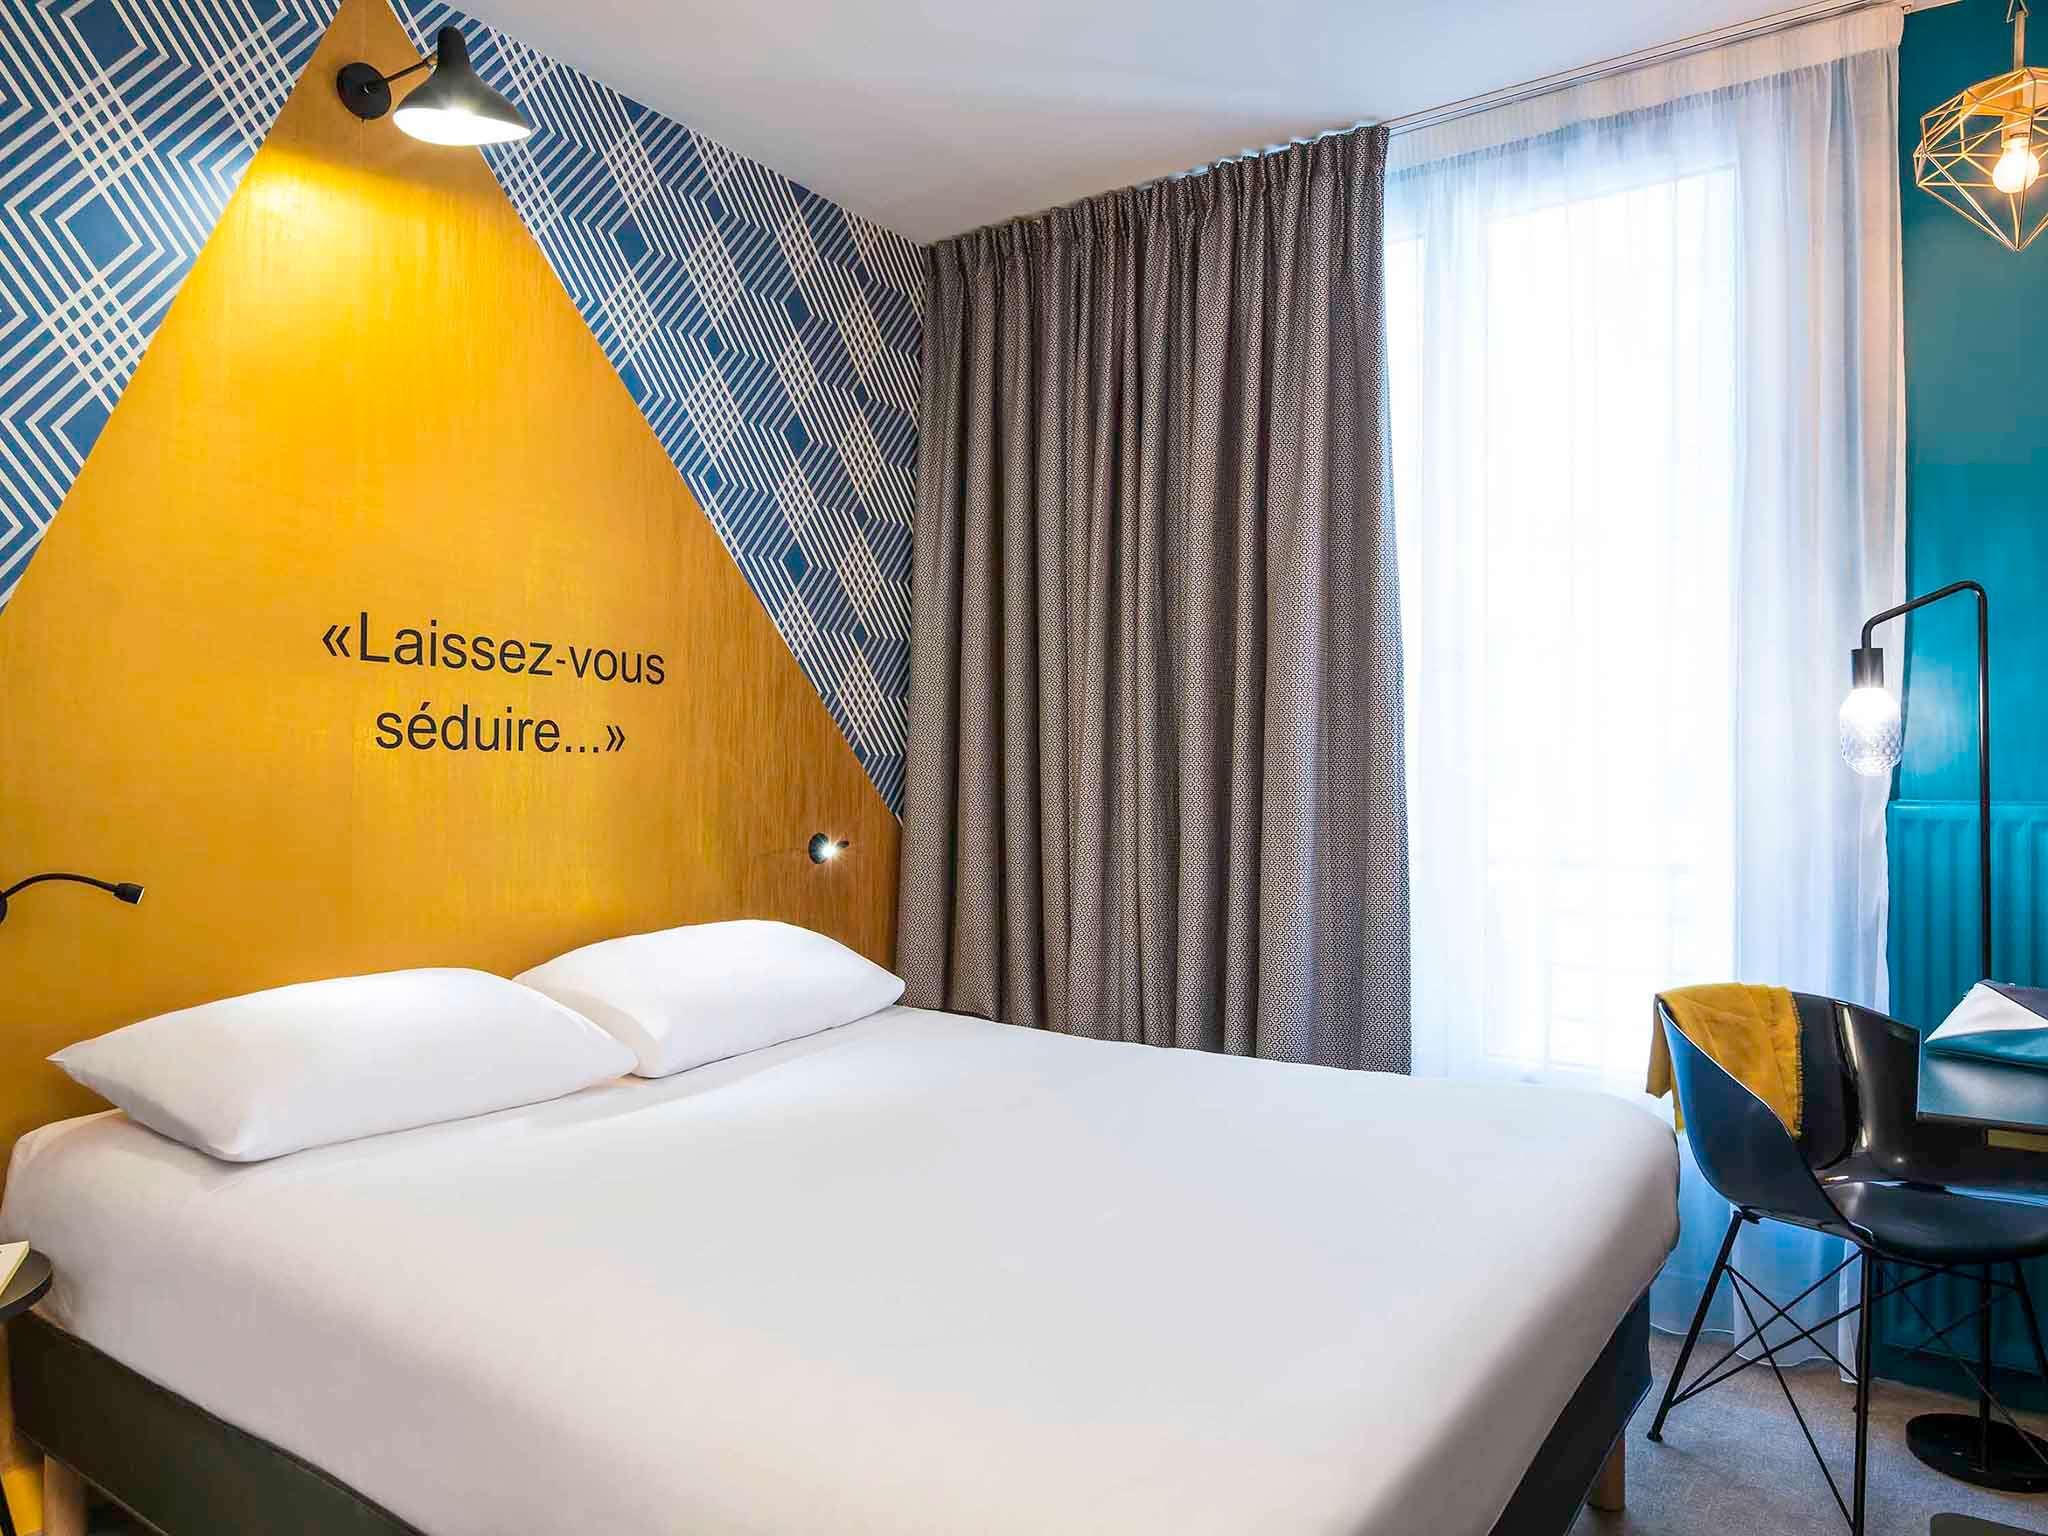 فندق - إيبيس ستايلز ibis Styles باريس 15 لوكورب